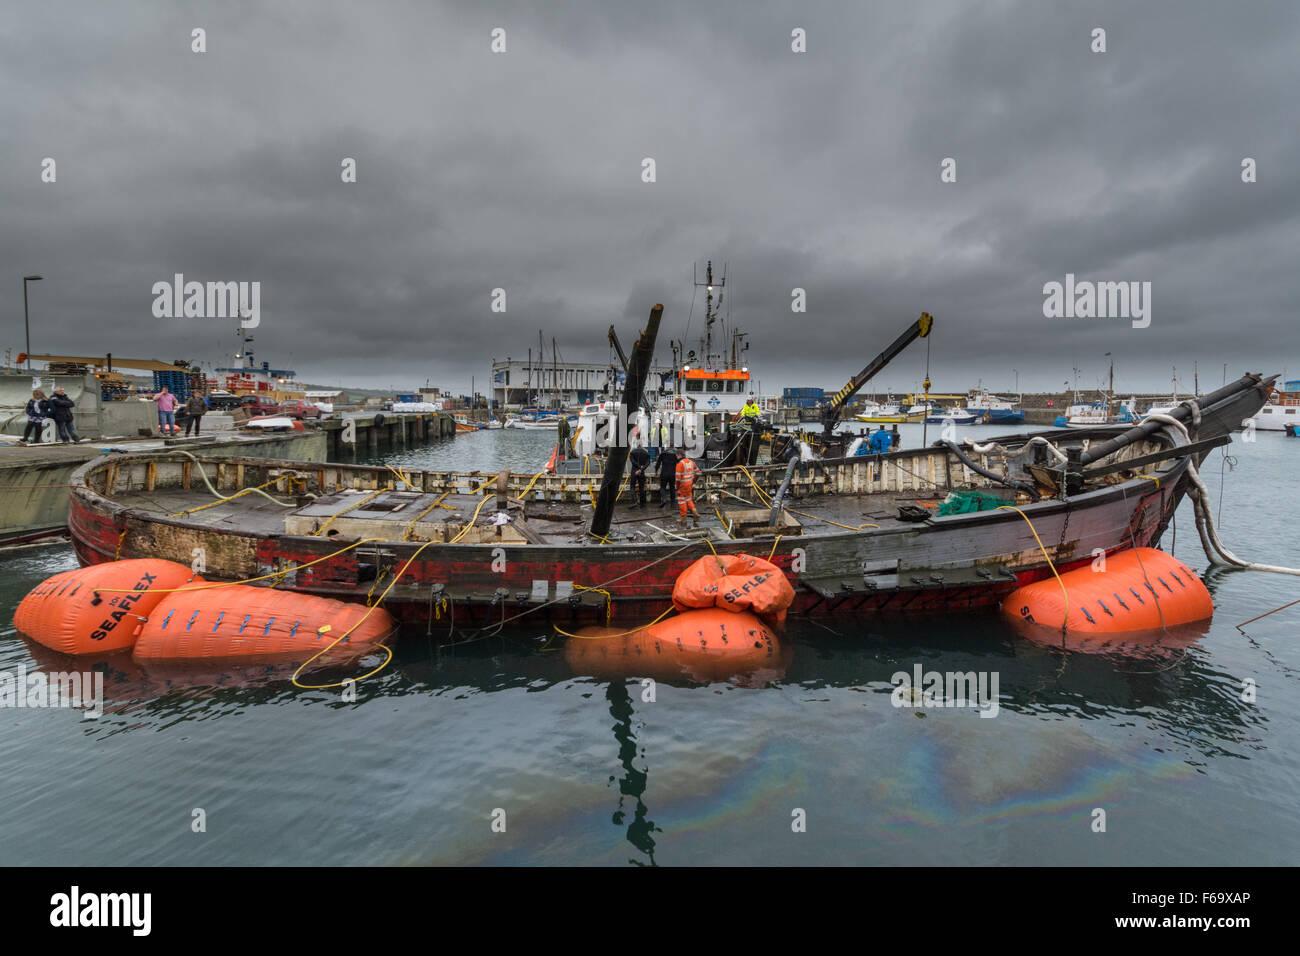 Penzance, Cornwall, Reino Unido. El 15 de noviembre de 2015. El Jolly Roger un noruego construido ex barco de pesca Foto de stock